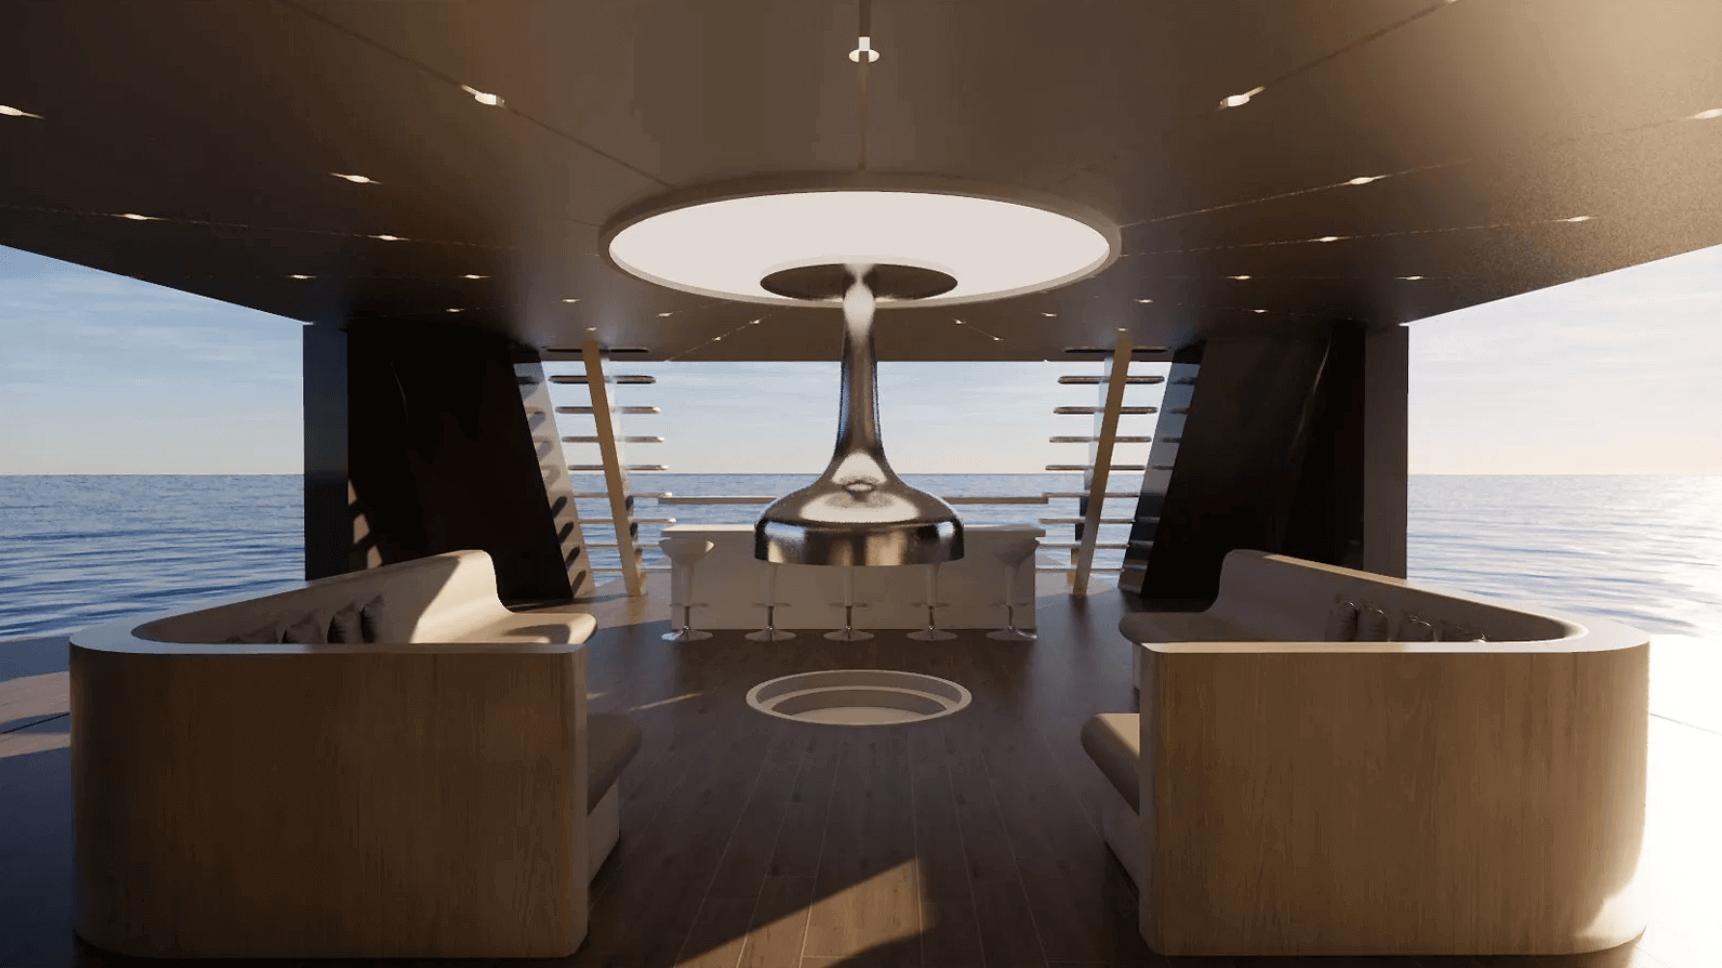 Kyron Design Nzuri süperyat bilgiler